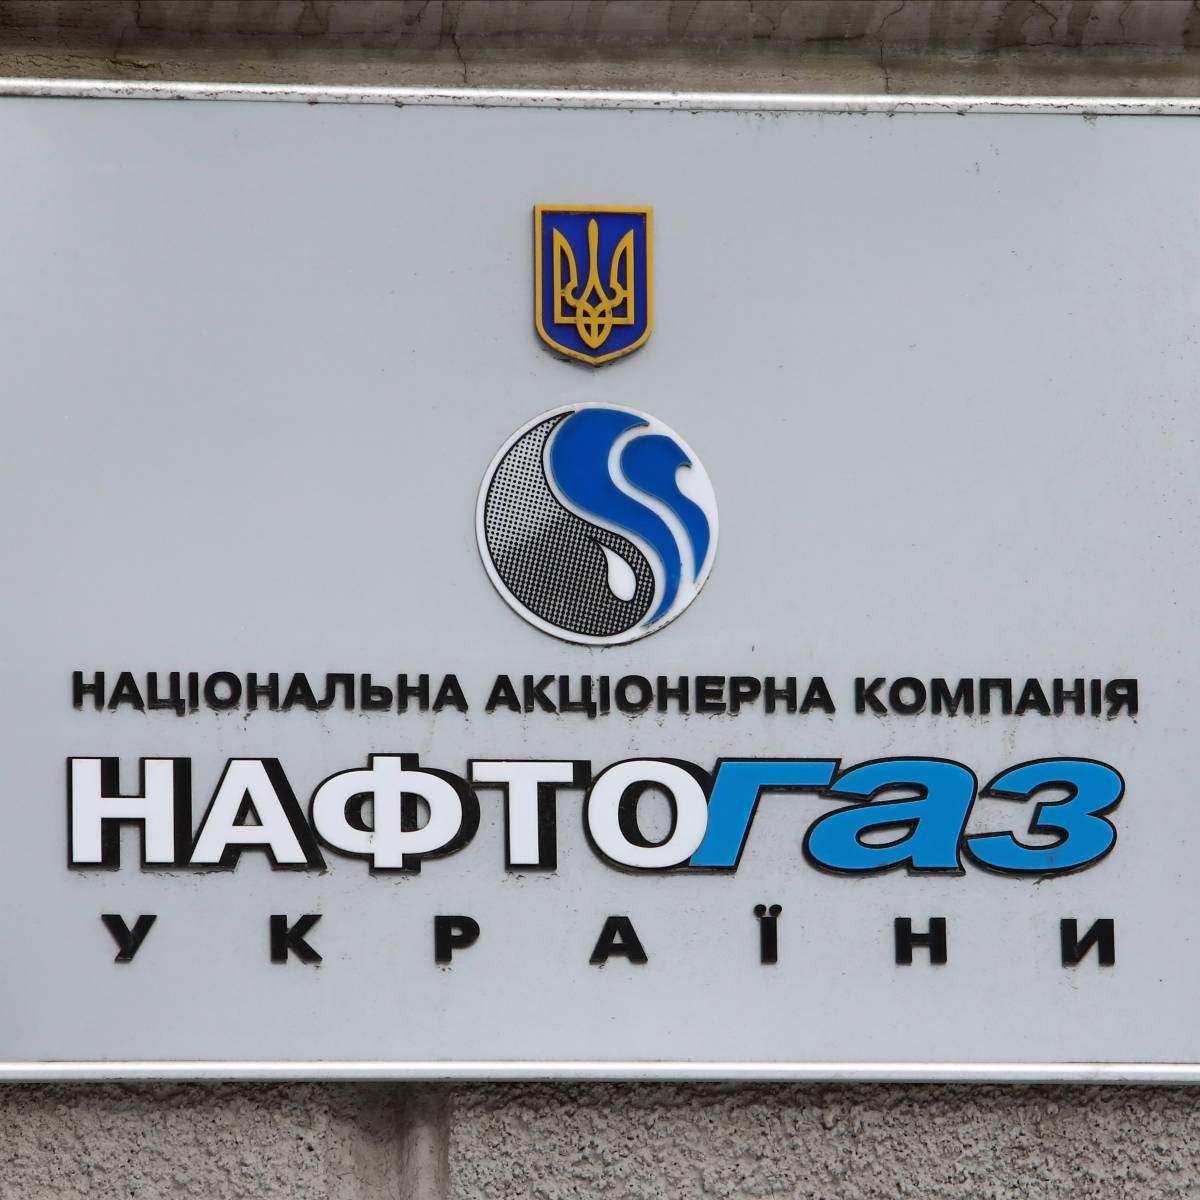 При текущих ставках на транзит украинская ГТС будет зарабатывать очень мало, - эксперт